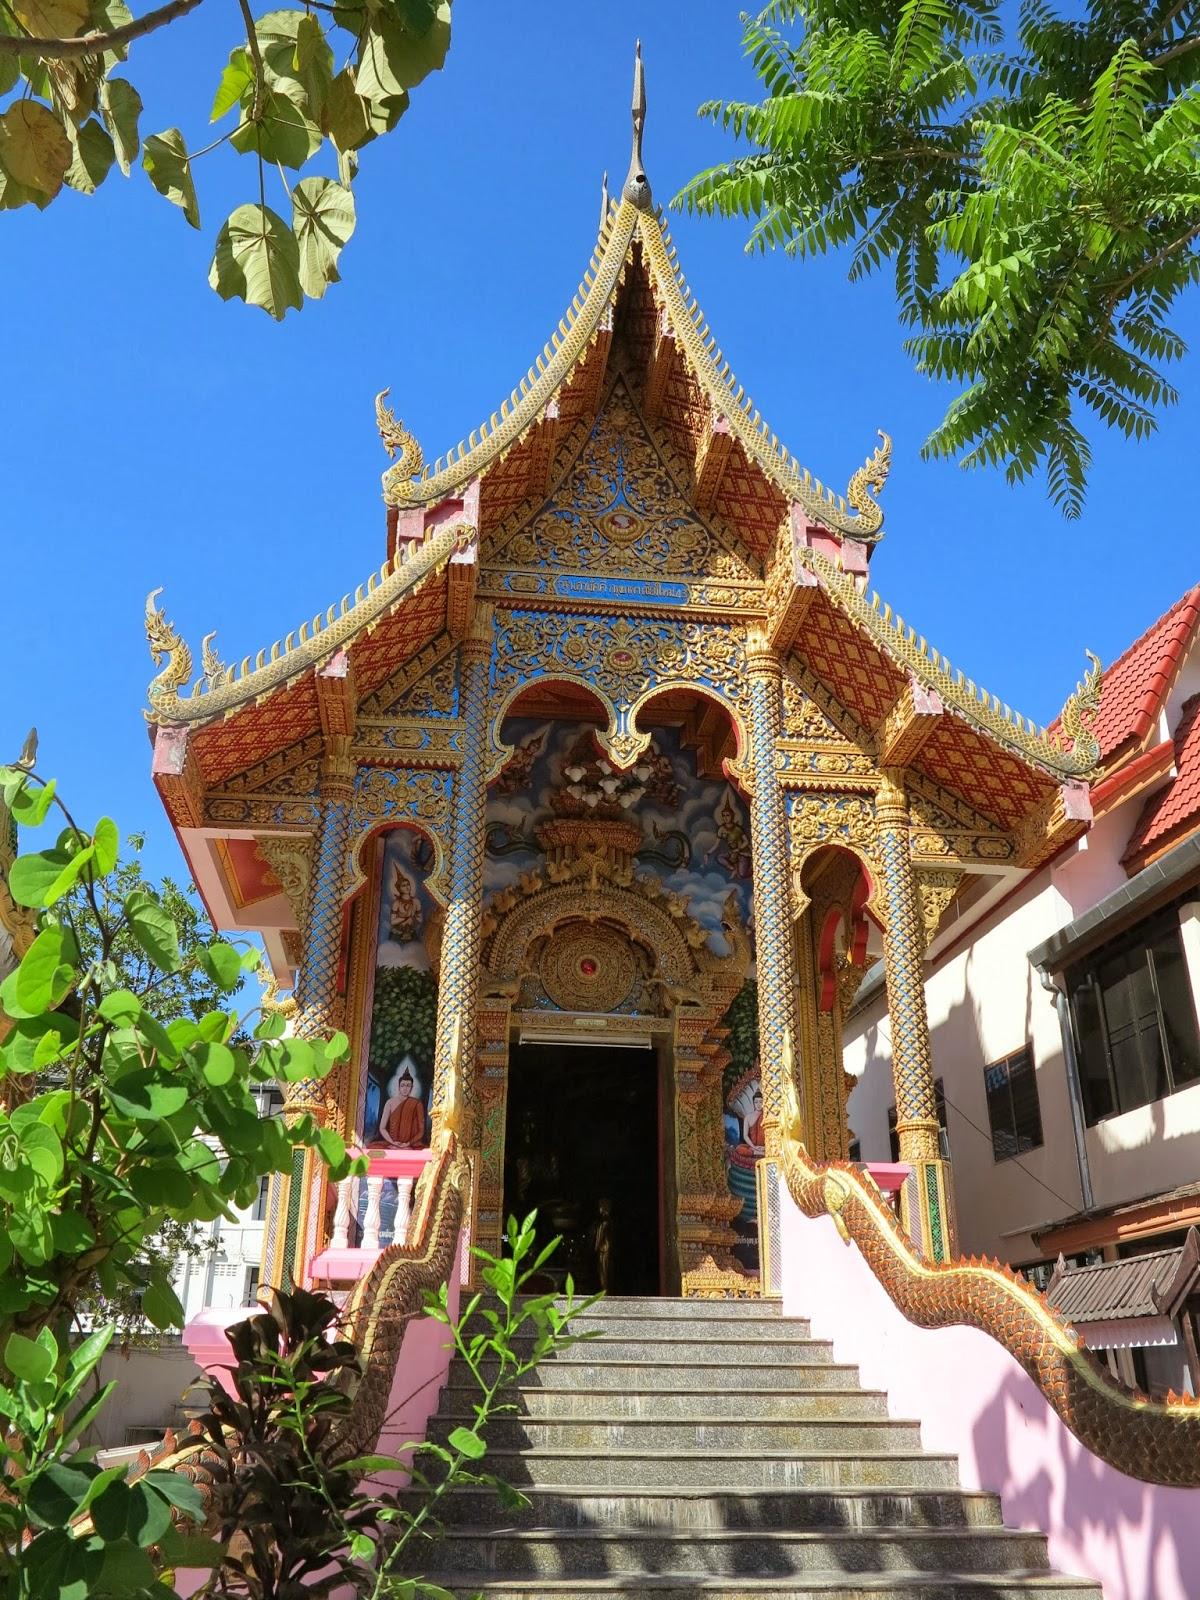 ByHaafner, temple Chiang Mai